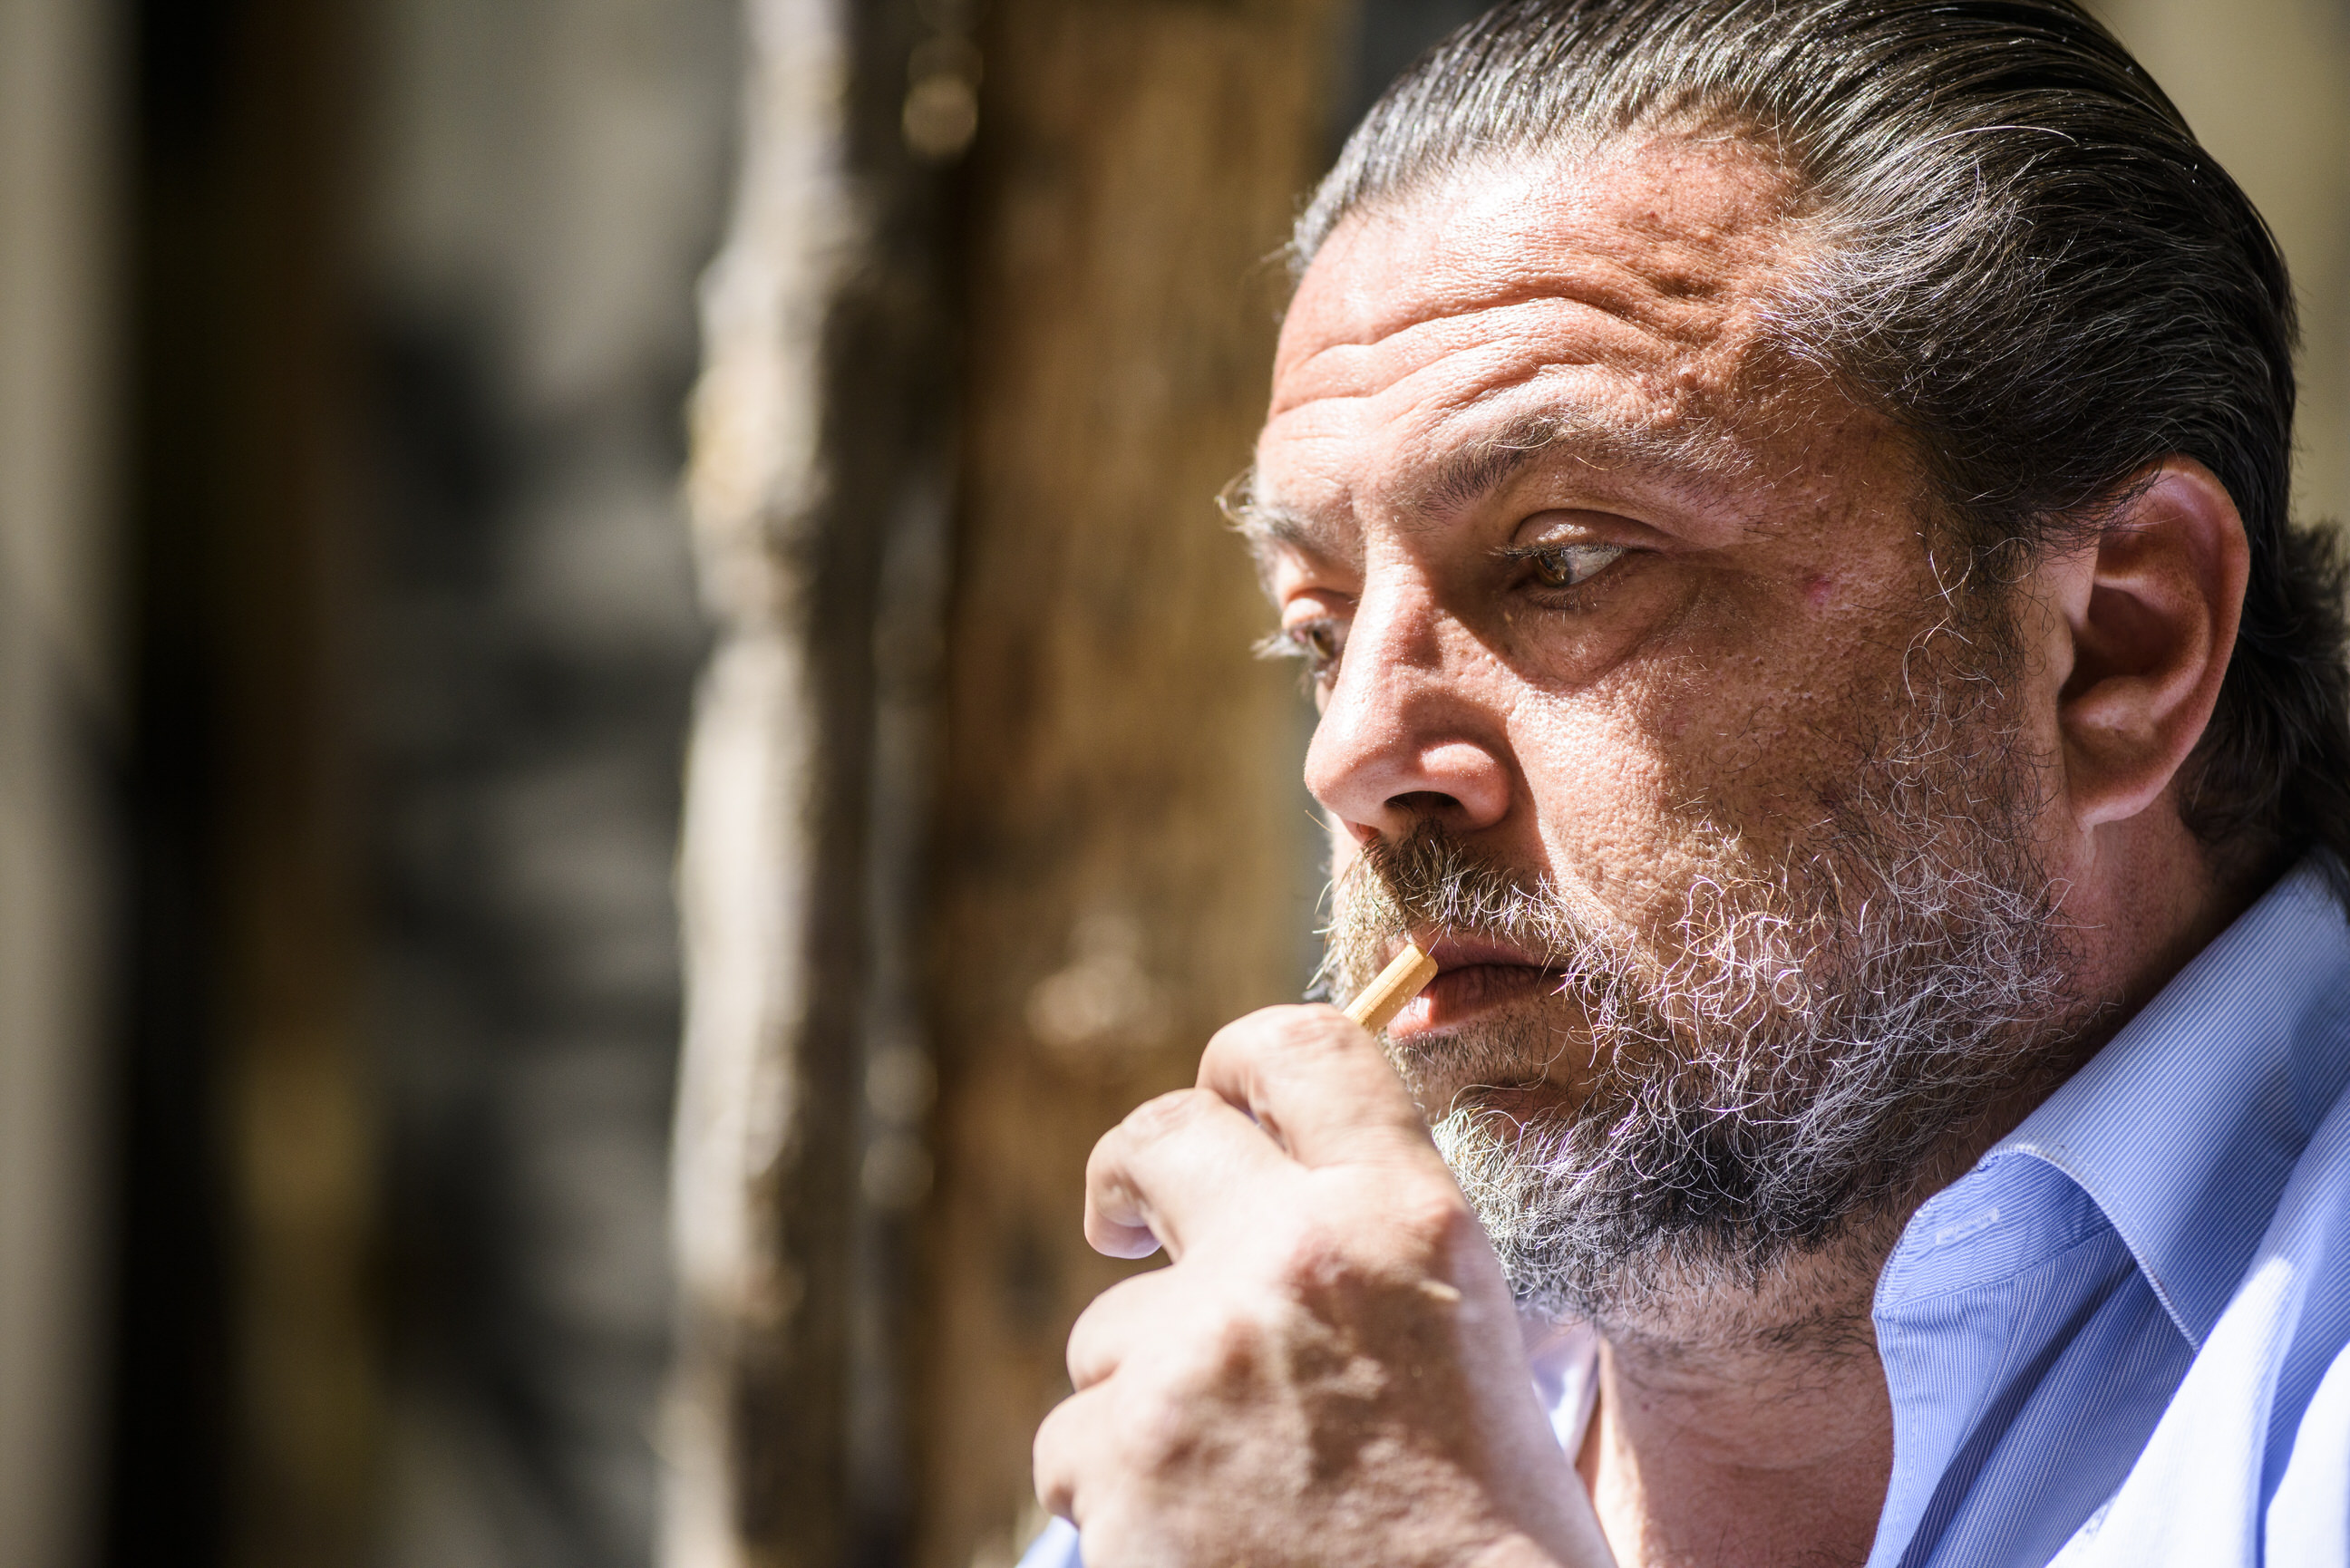 Stamoulakatos Stathis cigarette